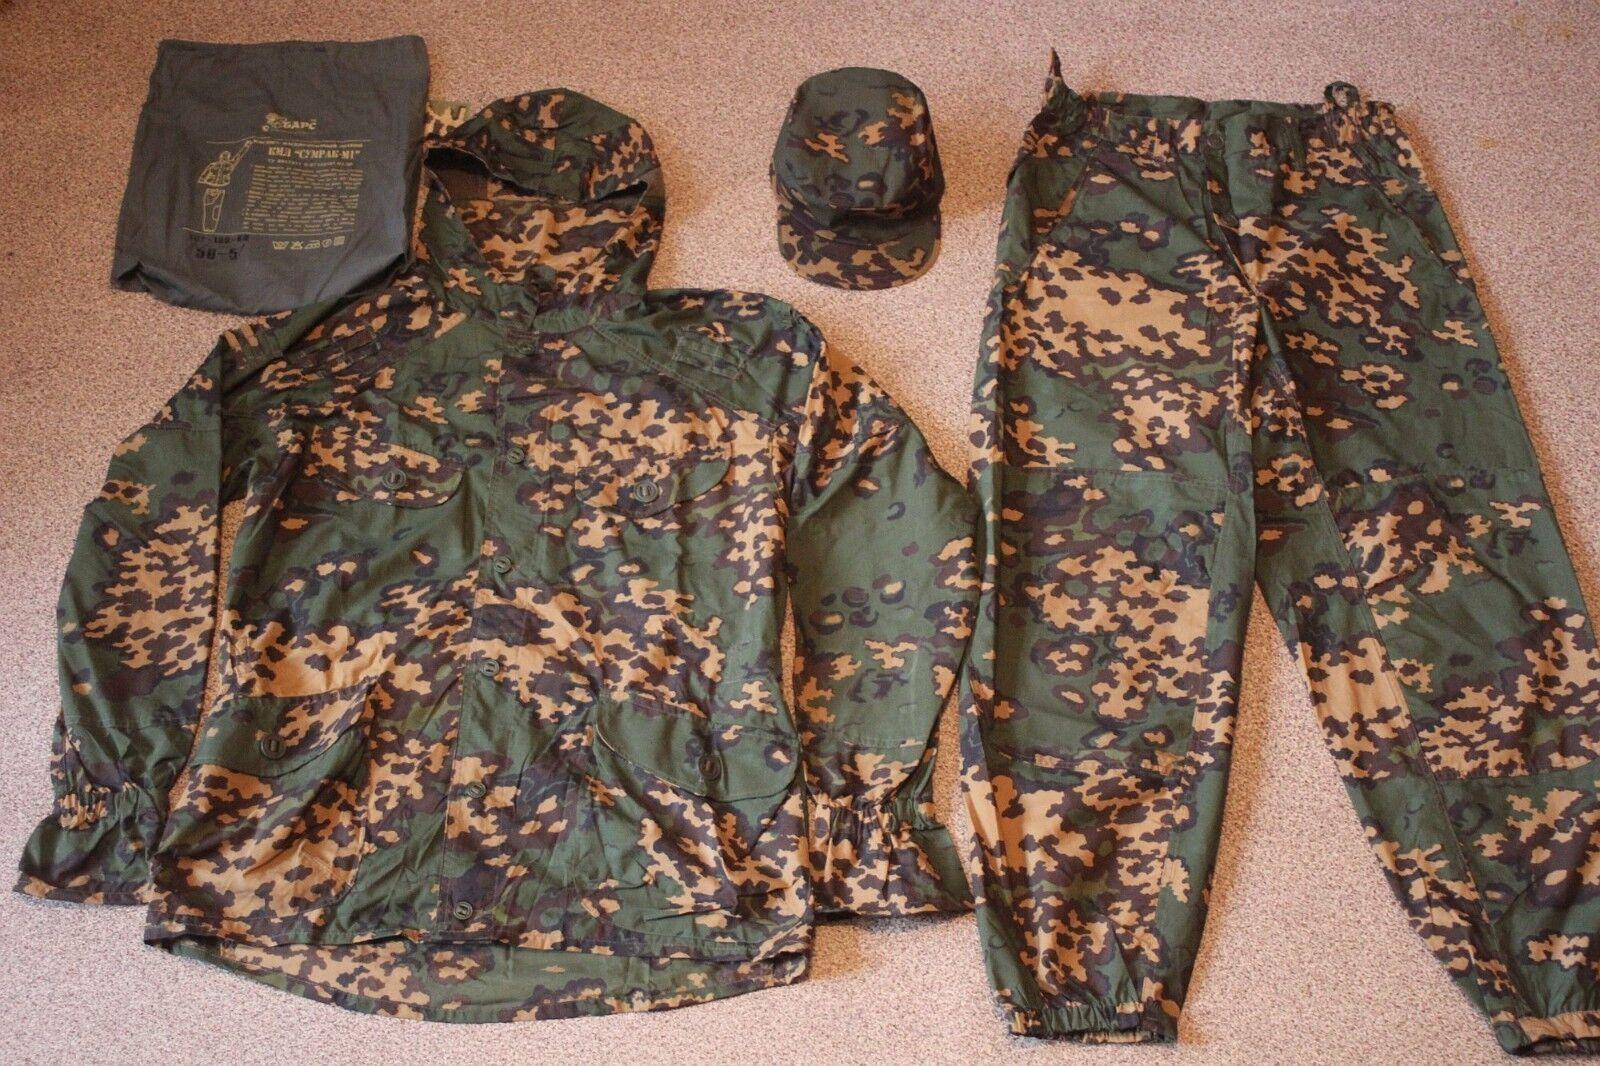 Ejército ruso Alforjas Camuflaje Partizan  Crepúsculo M1  Set (Chaqueta, Pantalones, cap)